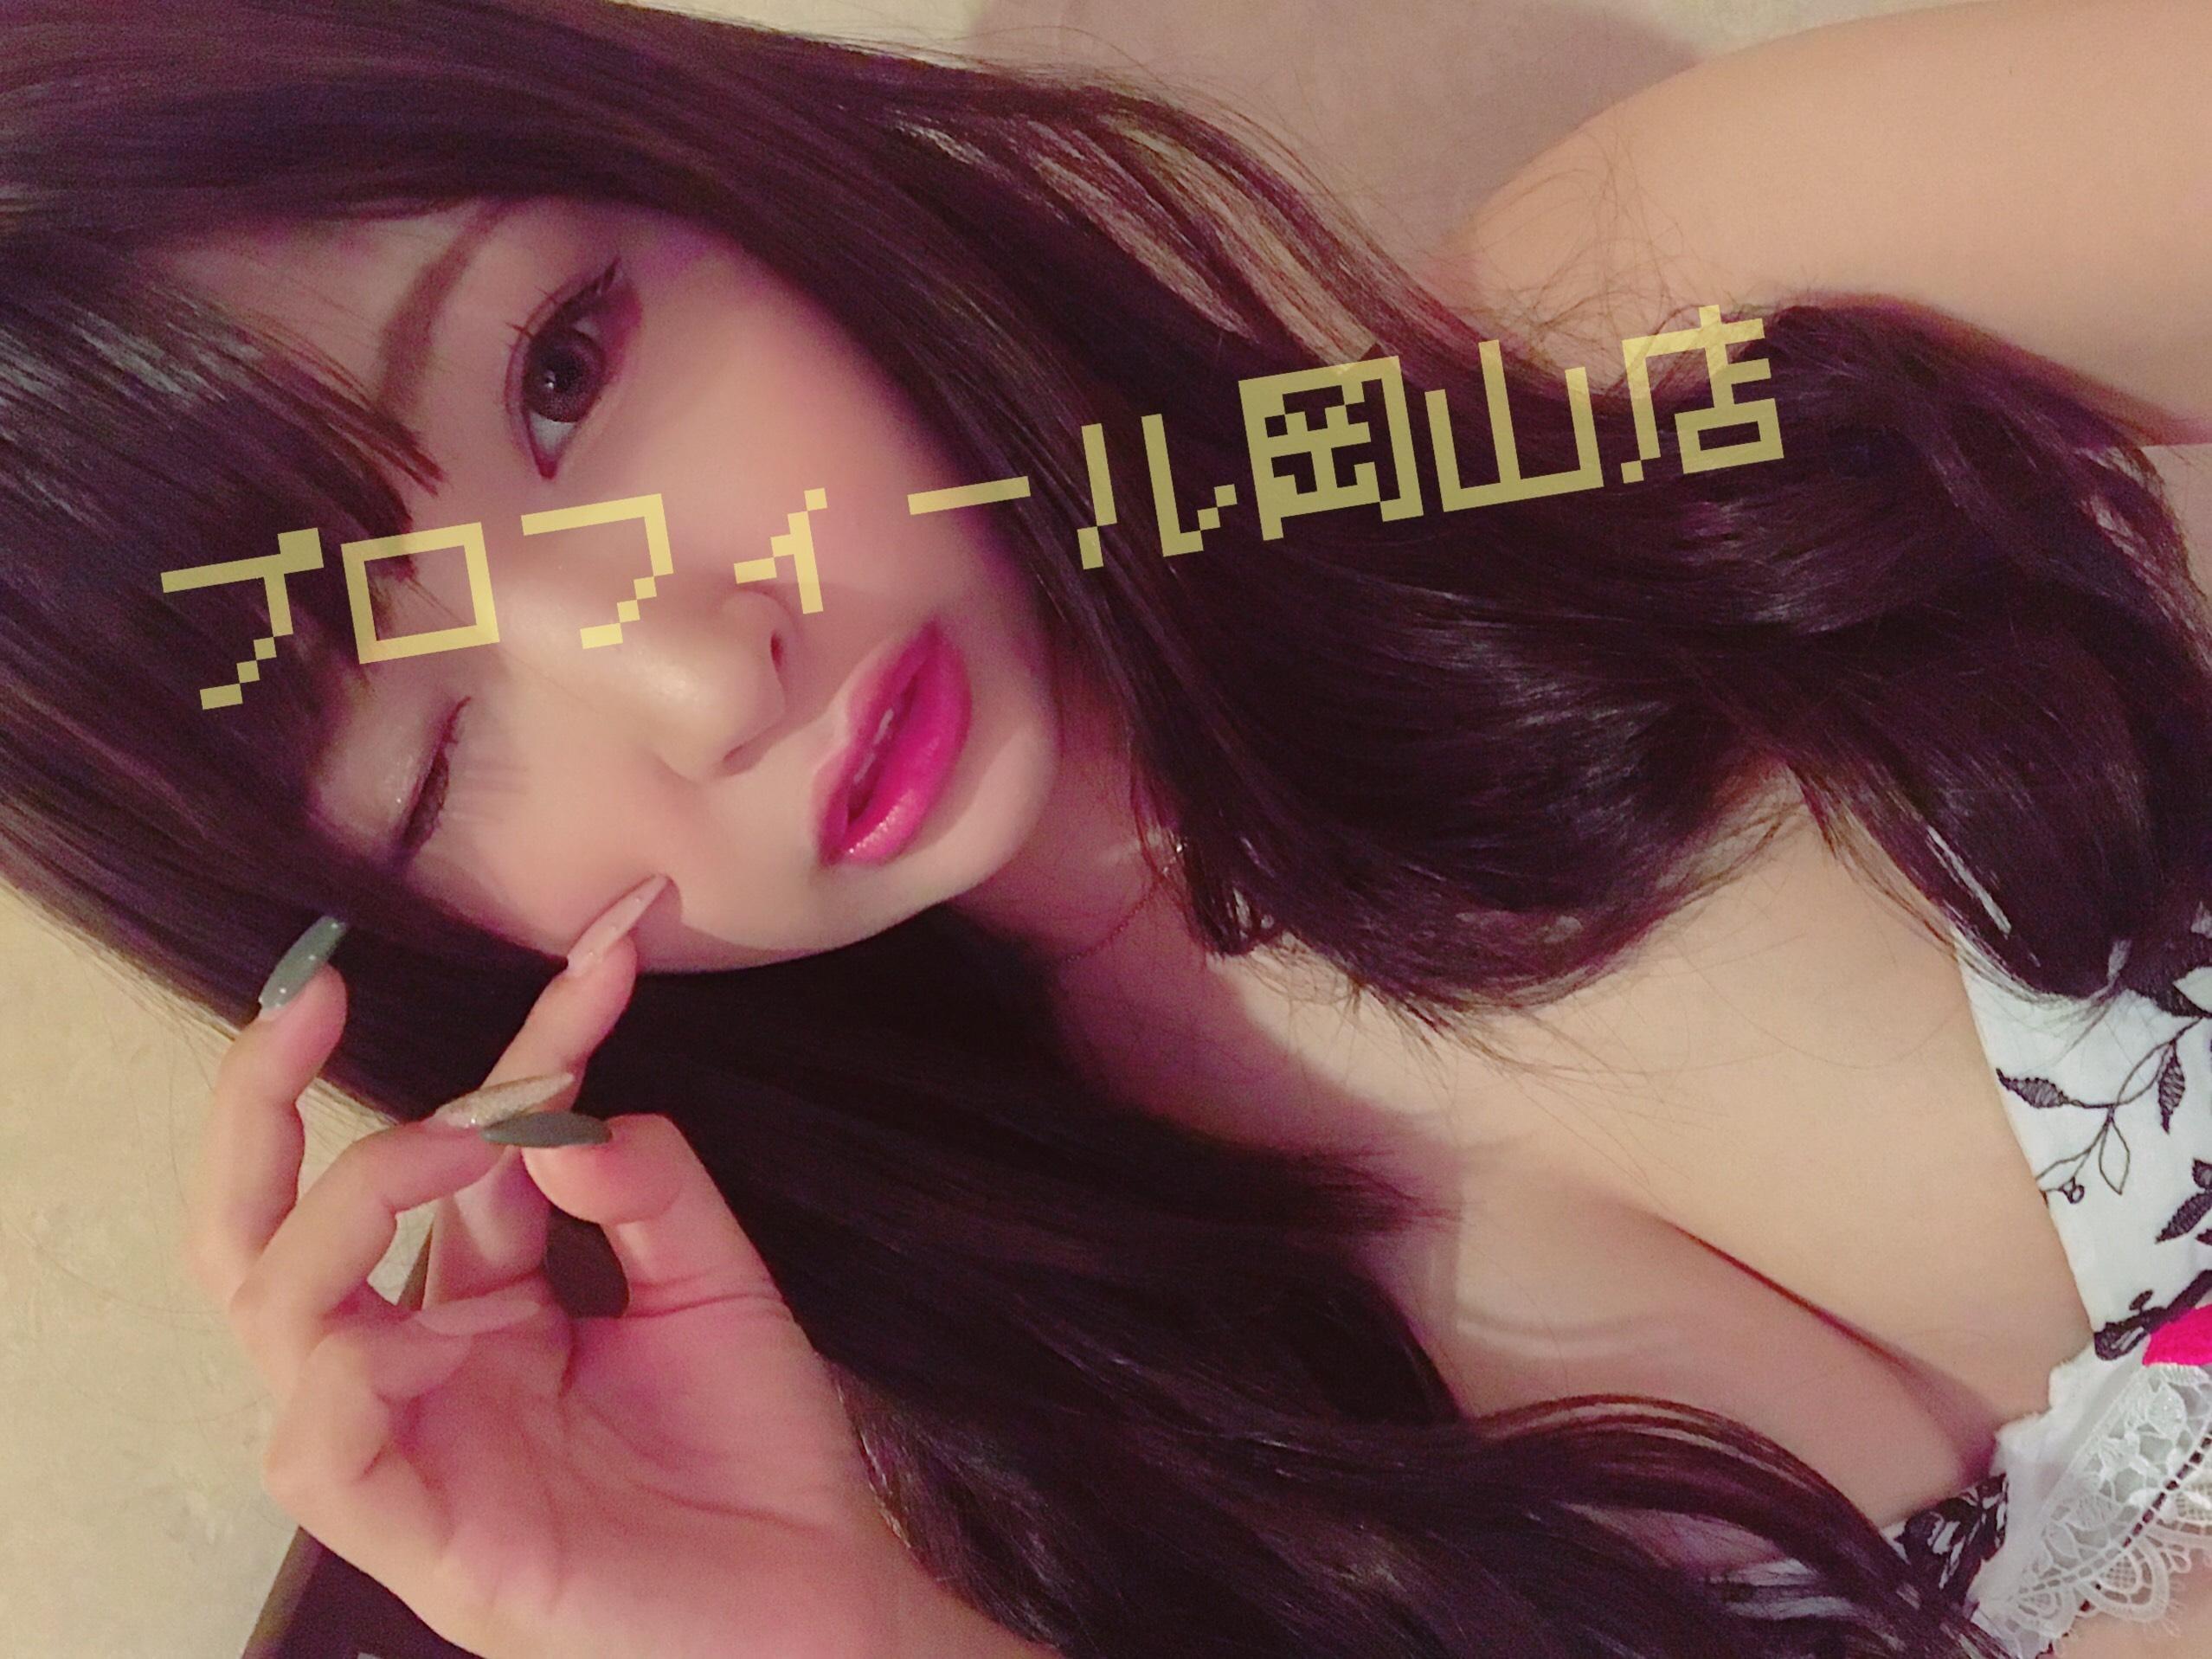 「おやすみなさい(    )」11/14(水) 04:41 | まほろの写メ・風俗動画